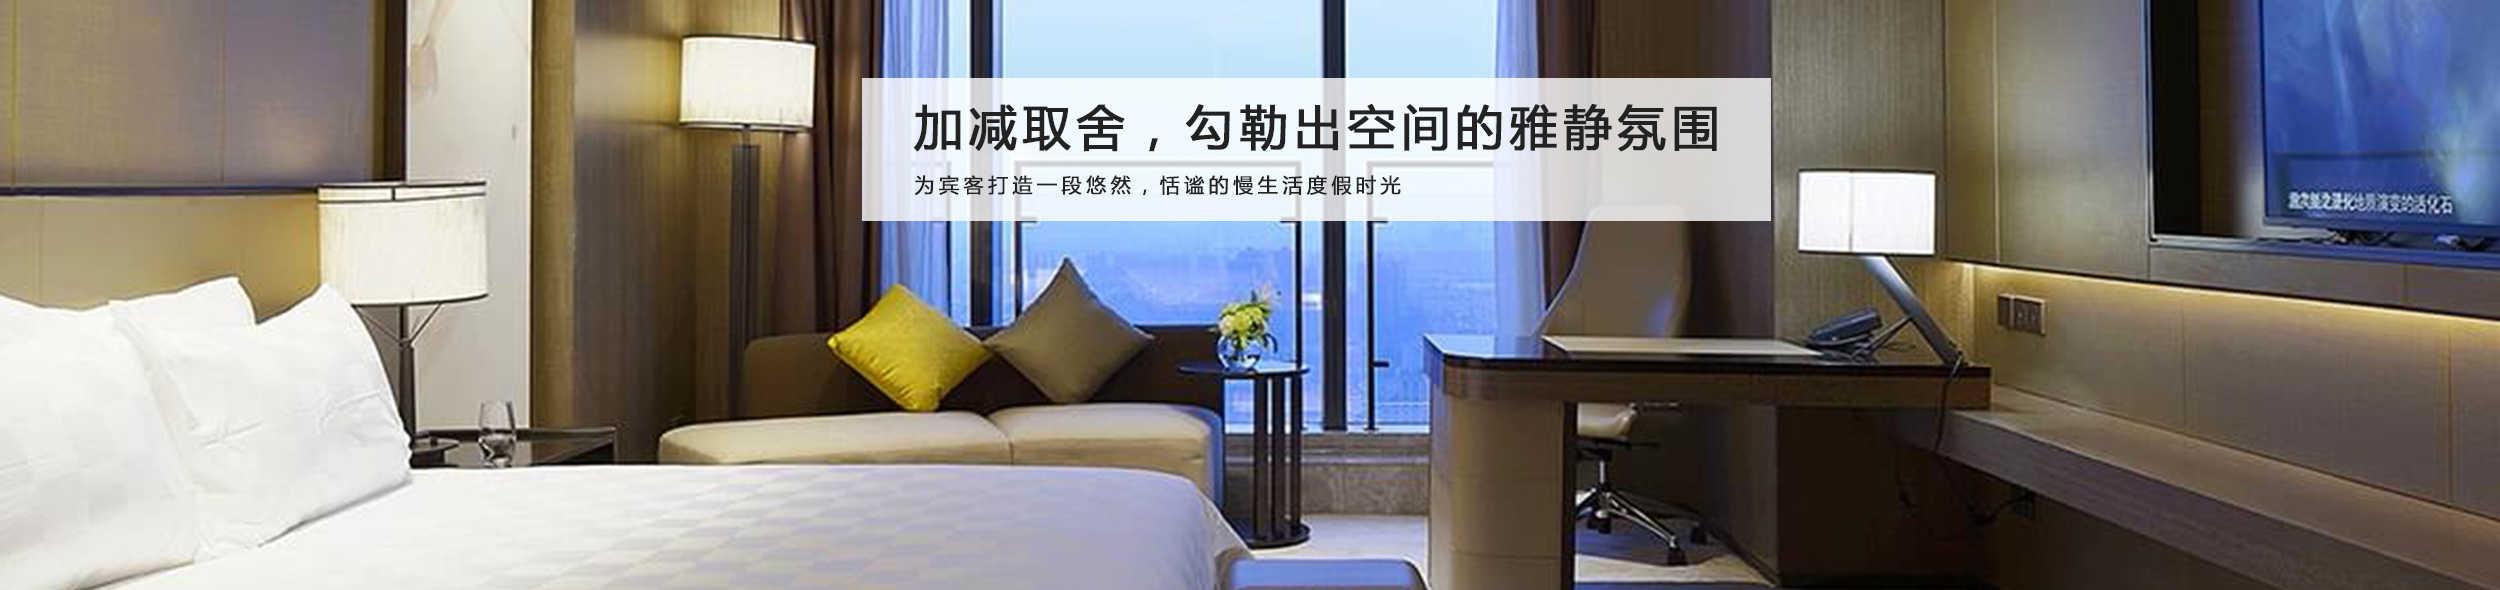 酒店�S么� 酒店客房床定制